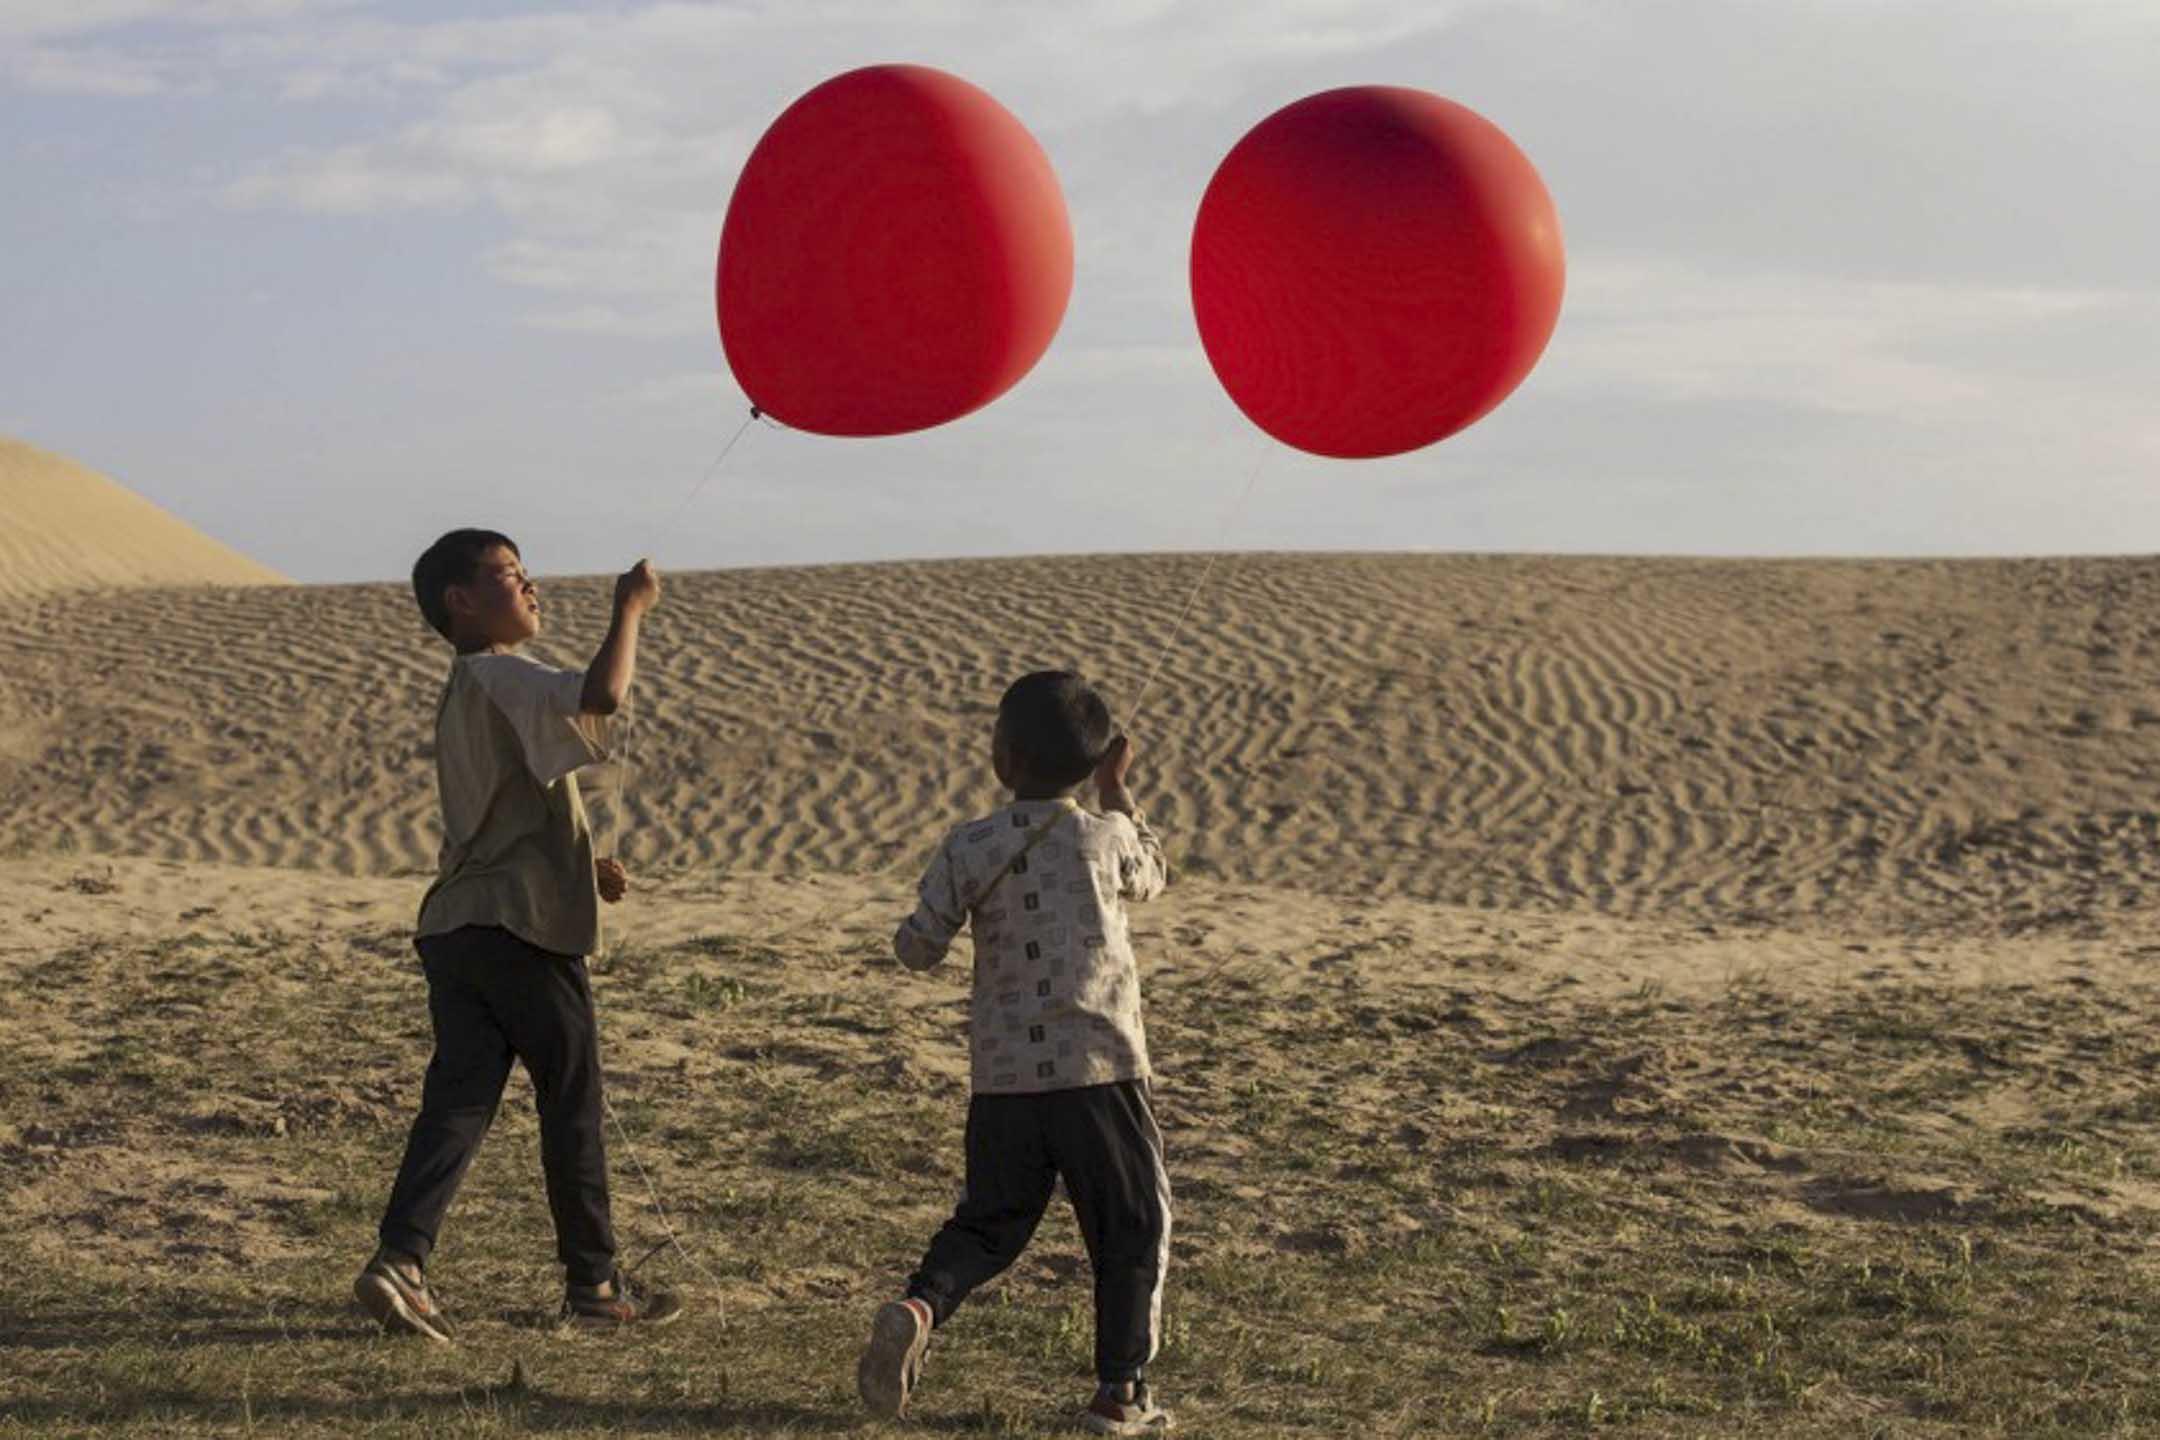 萬瑪才旦的《氣球》電影劇照。 網上圖片